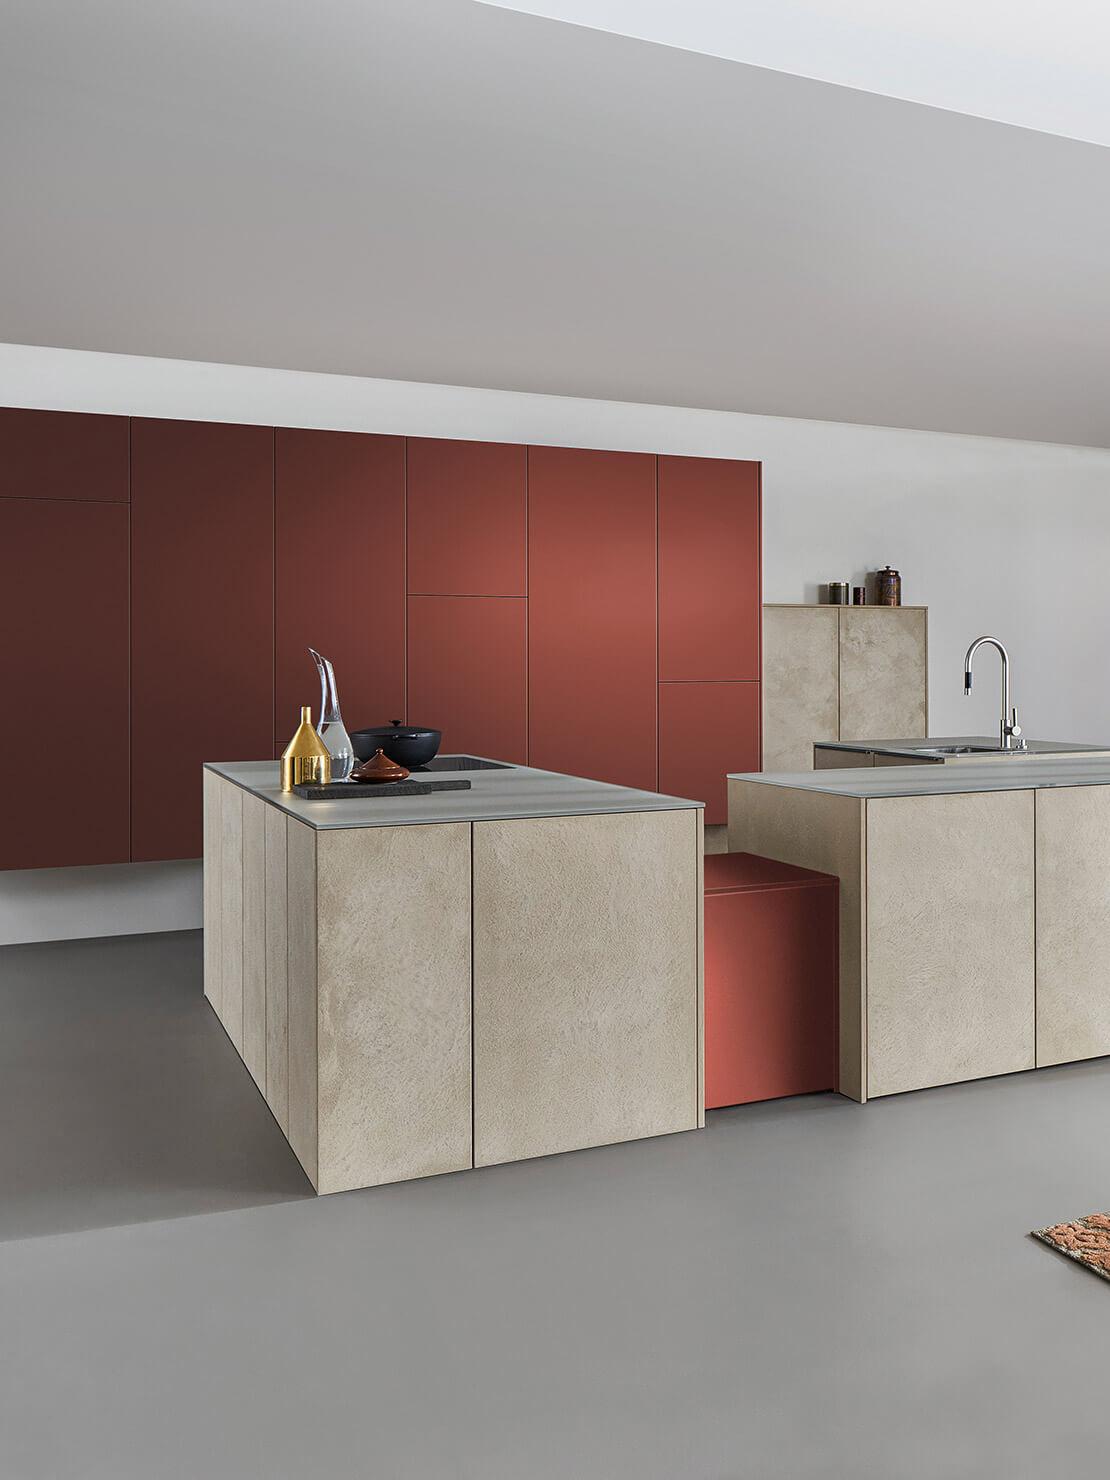 Ziemlich Küchen Designs Mit Doppelwand öfen Galerie - Küchen Design ...